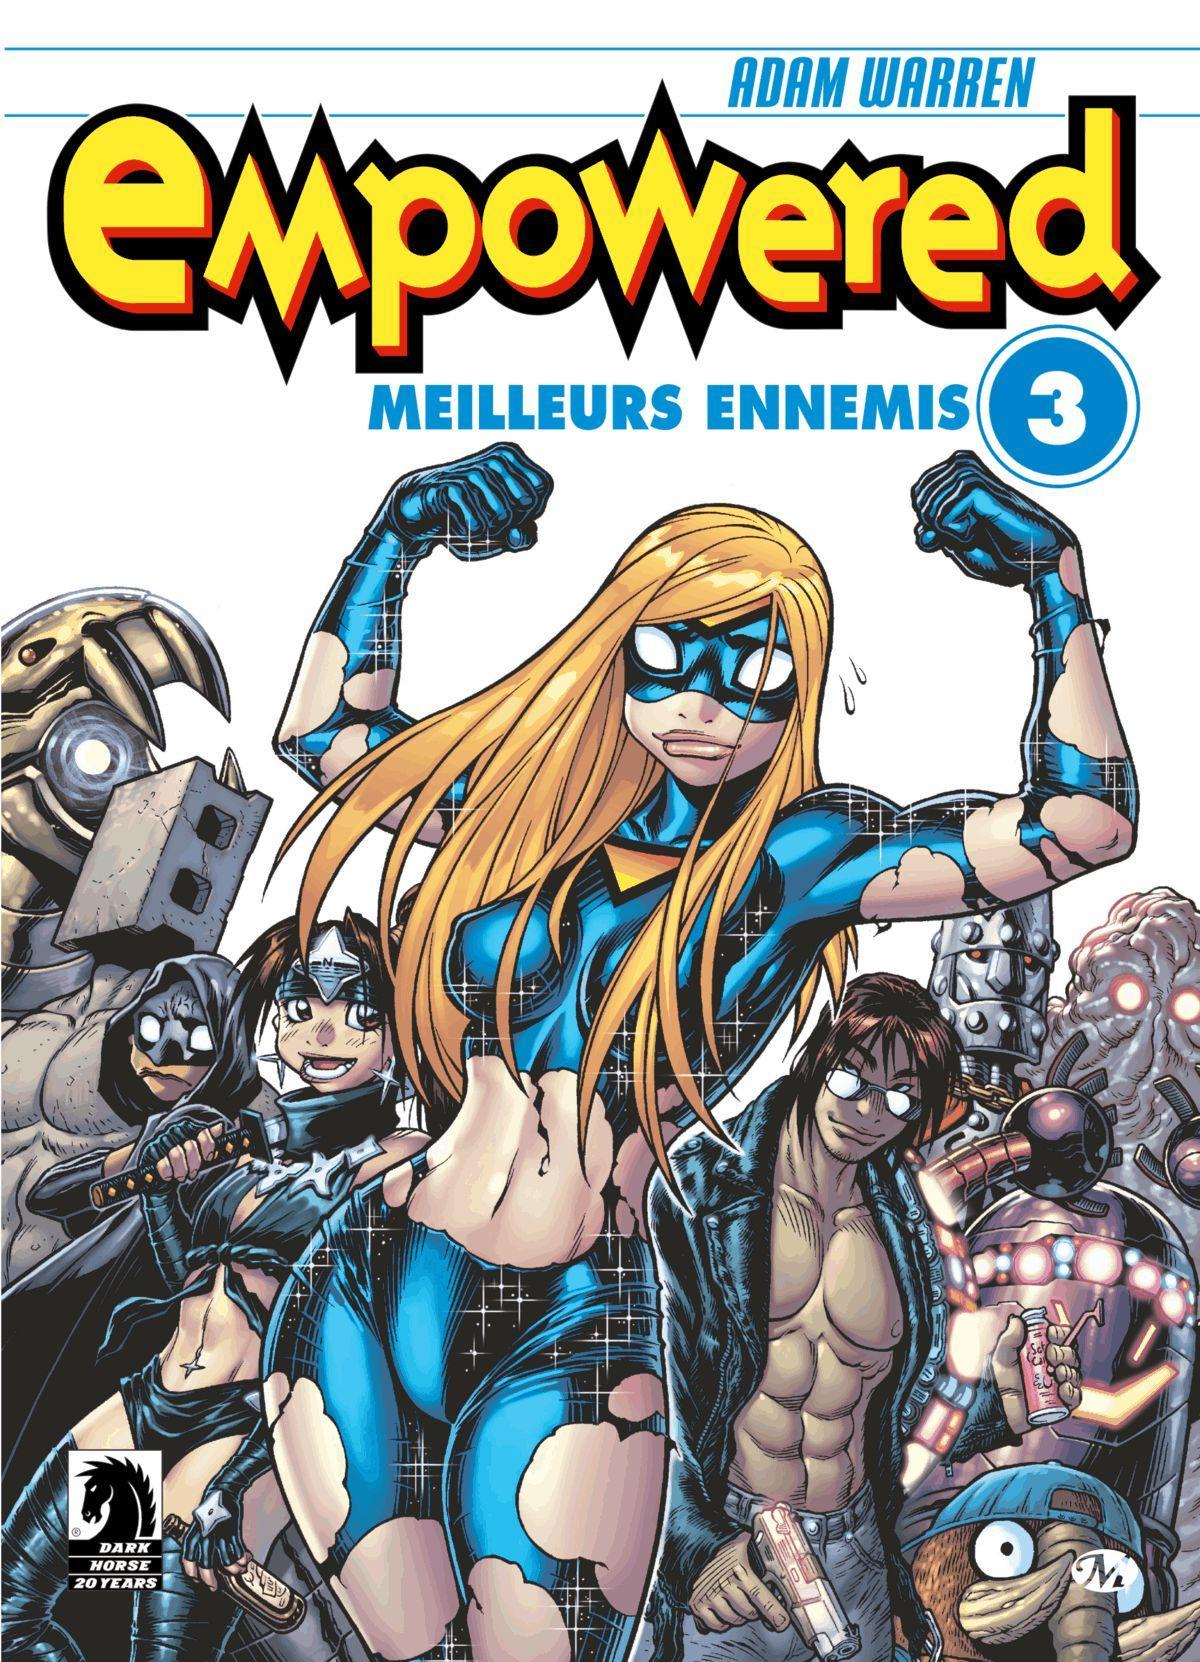 Empowered #3 : Meilleurs ennemis, EMPOWERED, T3